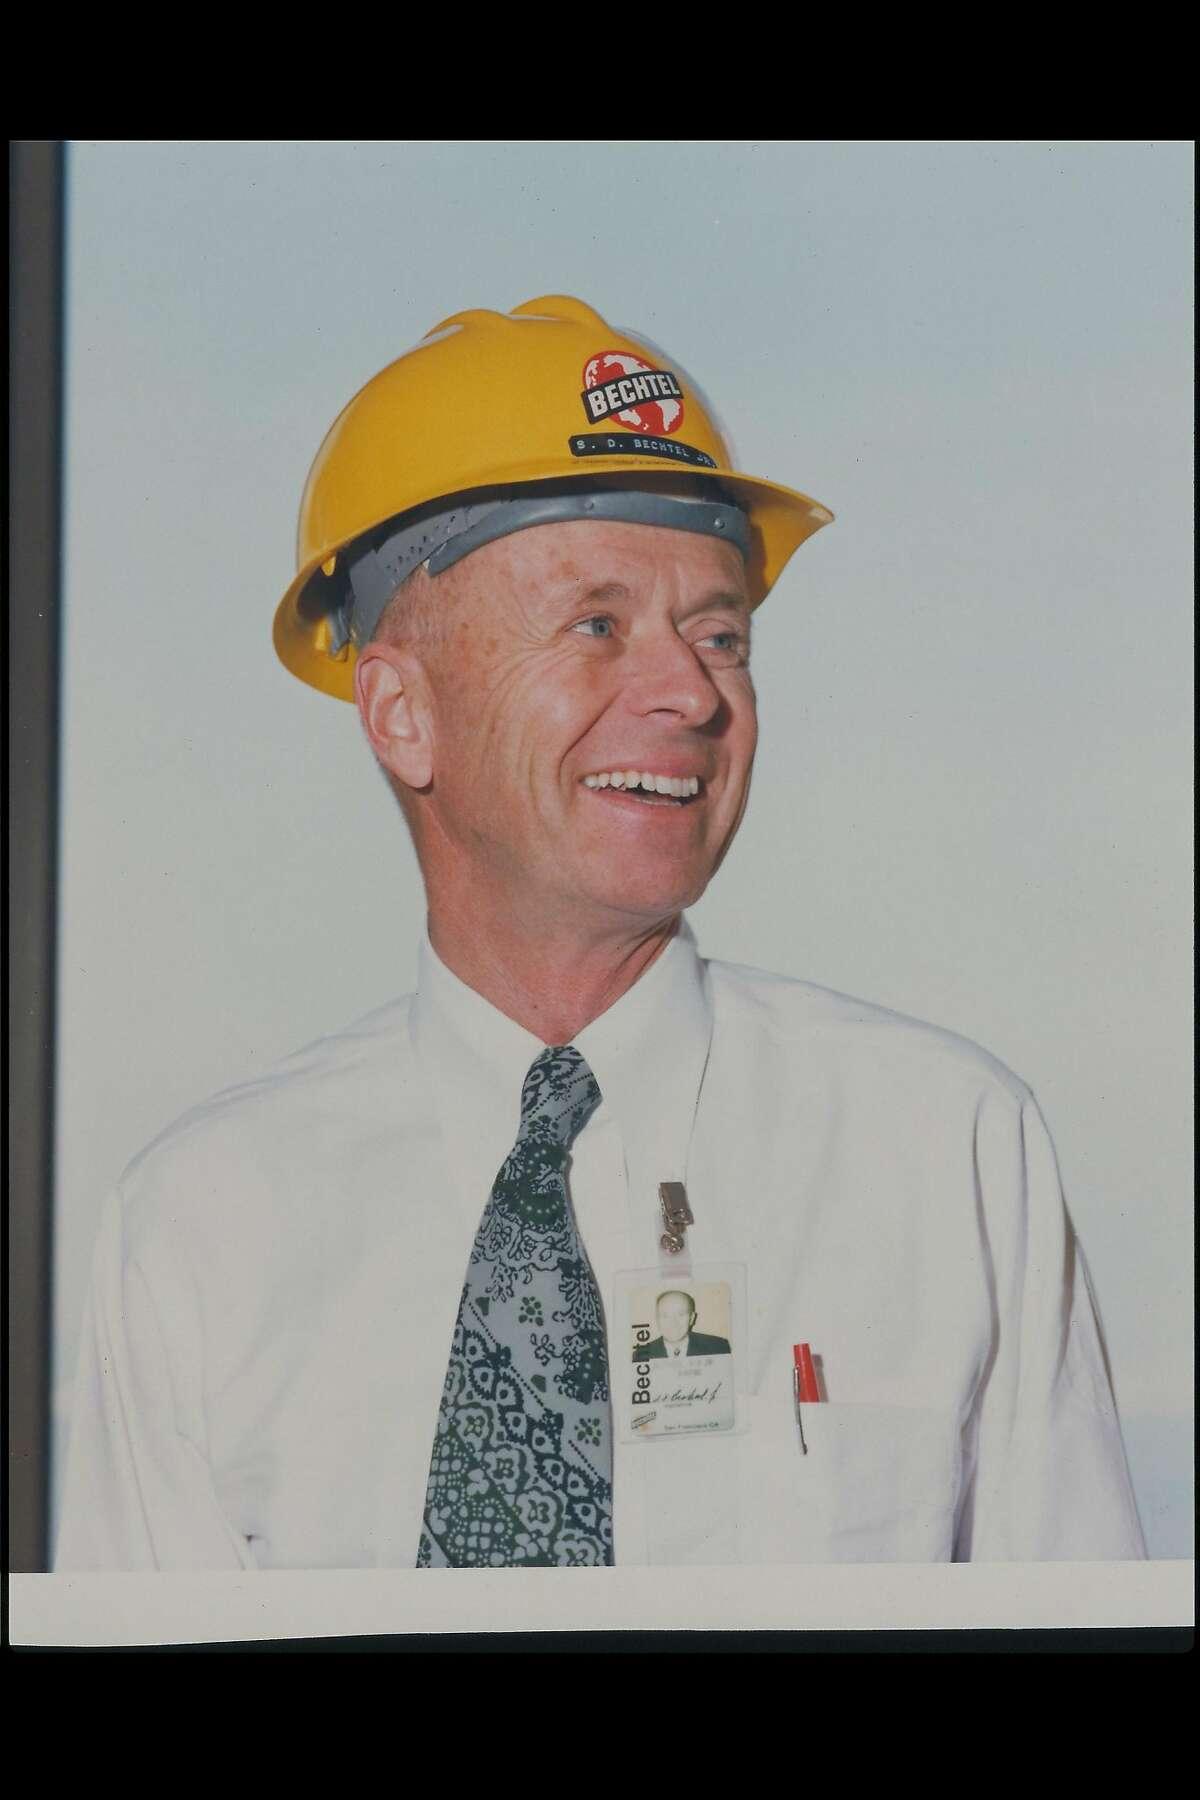 Stephen D. Bechtel, Jr. 1960, Steven D. Bechtel, jr., becomes president of Bechtel Corporation.